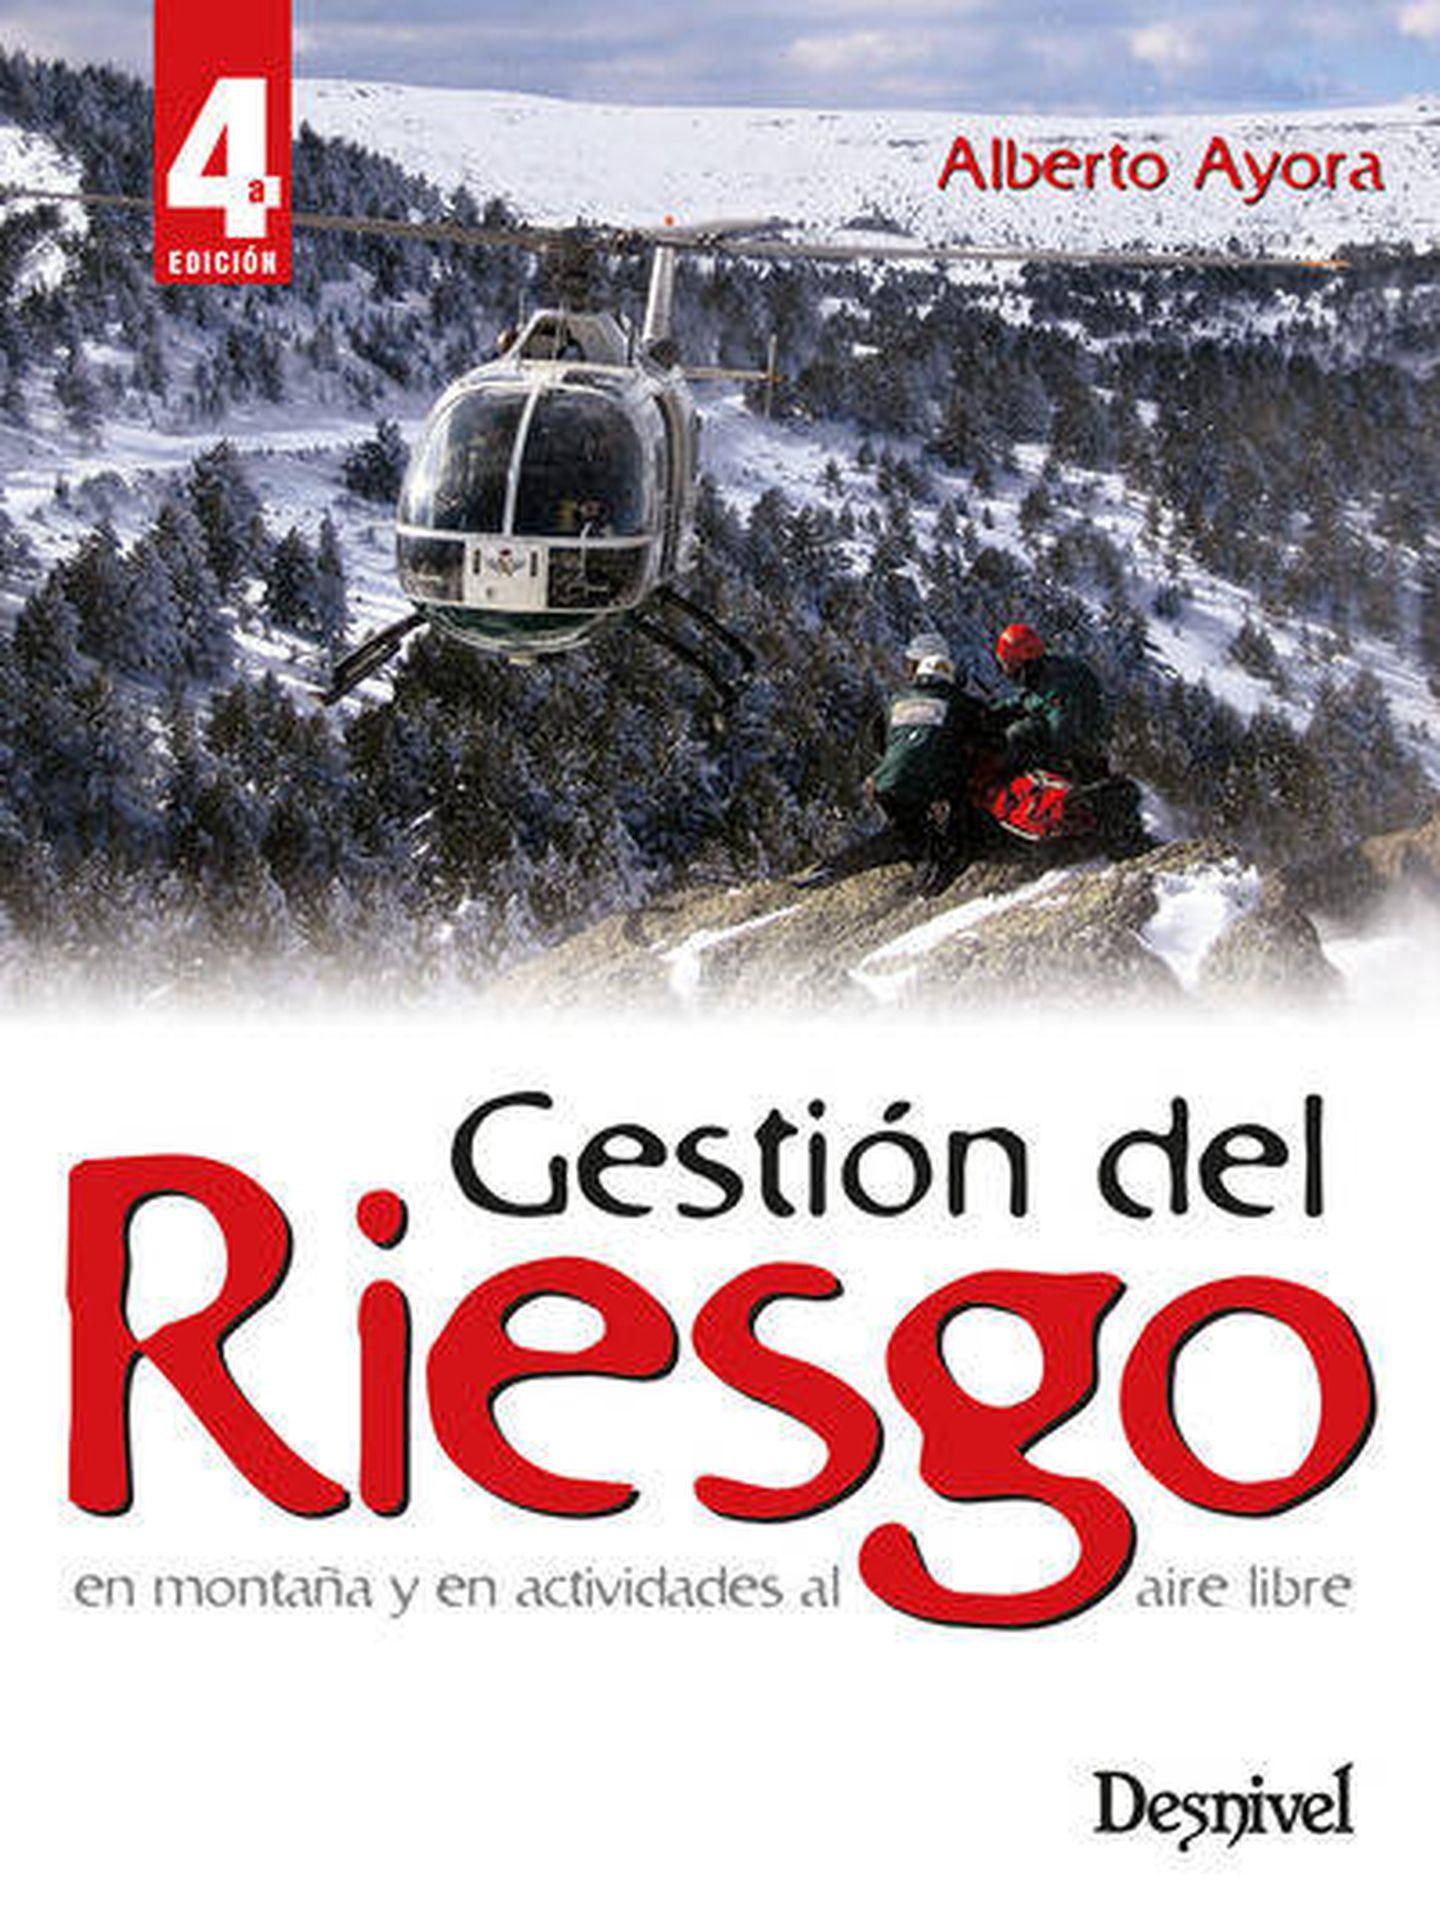 Uno de los libros de Alberto Ayora sobre riesgo.